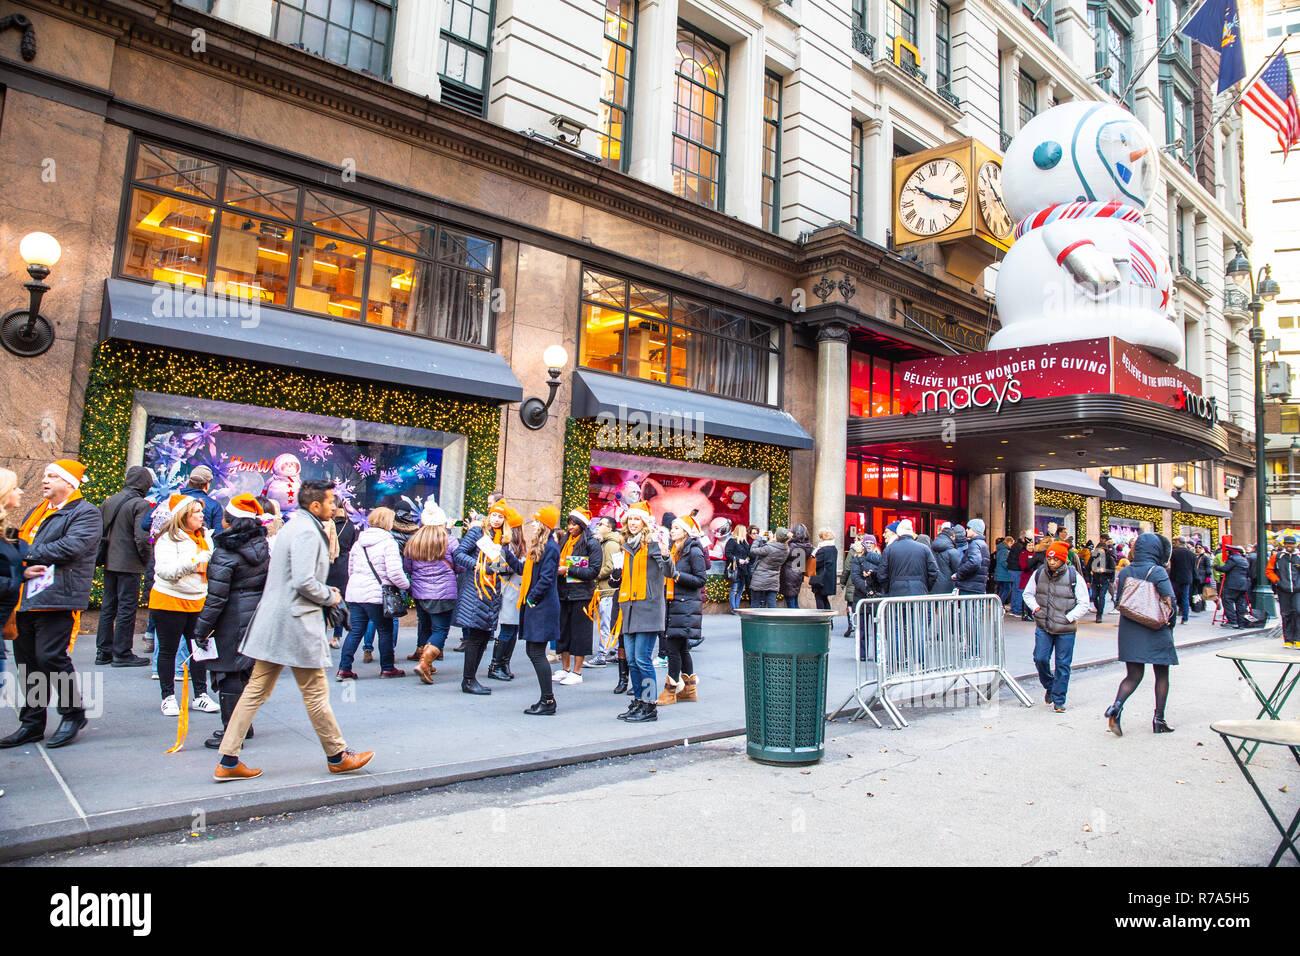 The dating scene in new york city